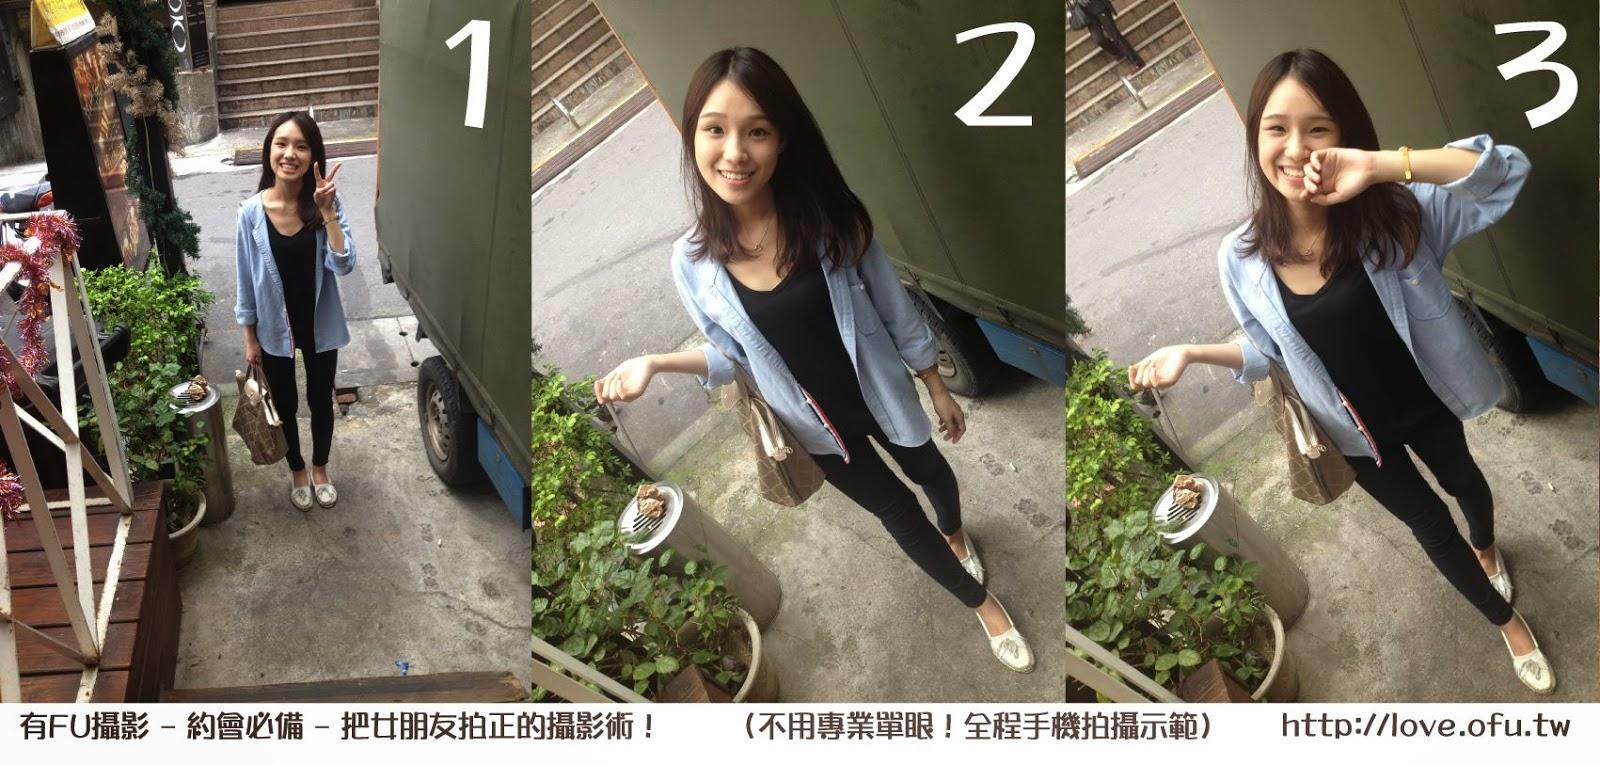 台北 攝影 教學 約會 女友